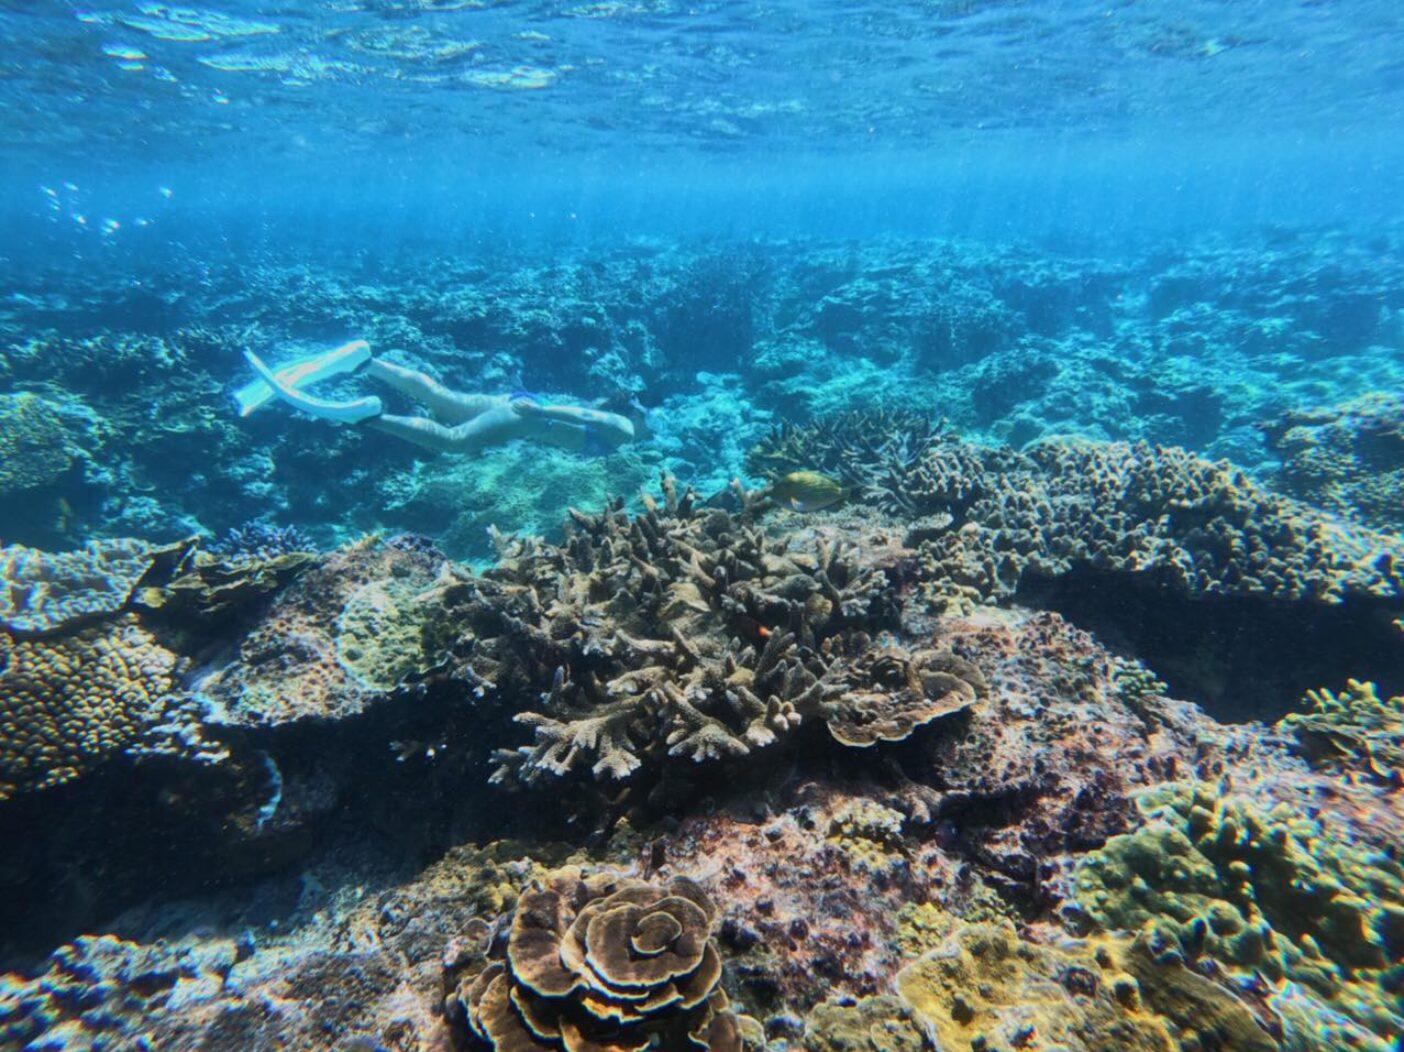 沖縄県宮古島の海に潜るために1か月ほど滞在。「昔はもっとサンゴが元気で何倍も綺麗だった」とよく聞かされた。写真:鈴木 弥也子